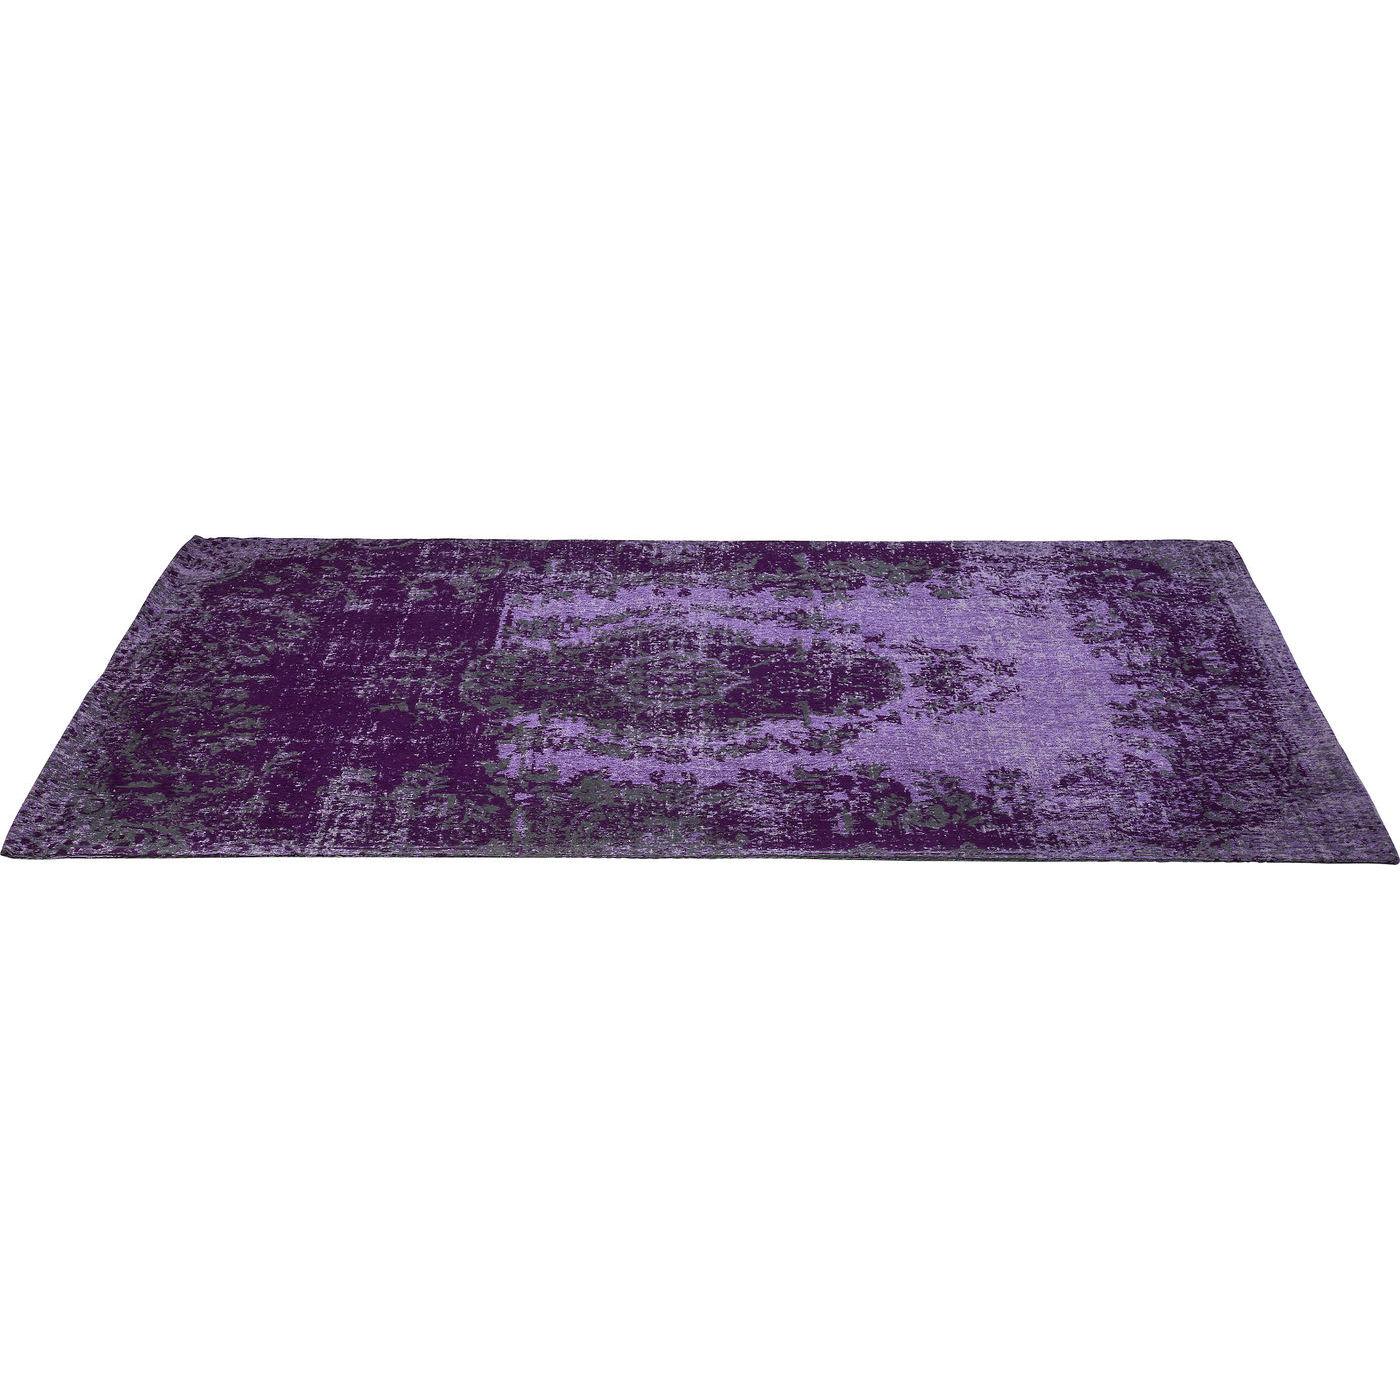 Billede af Kare Design Tæppe, Kelim Pop Purple 240x170cm